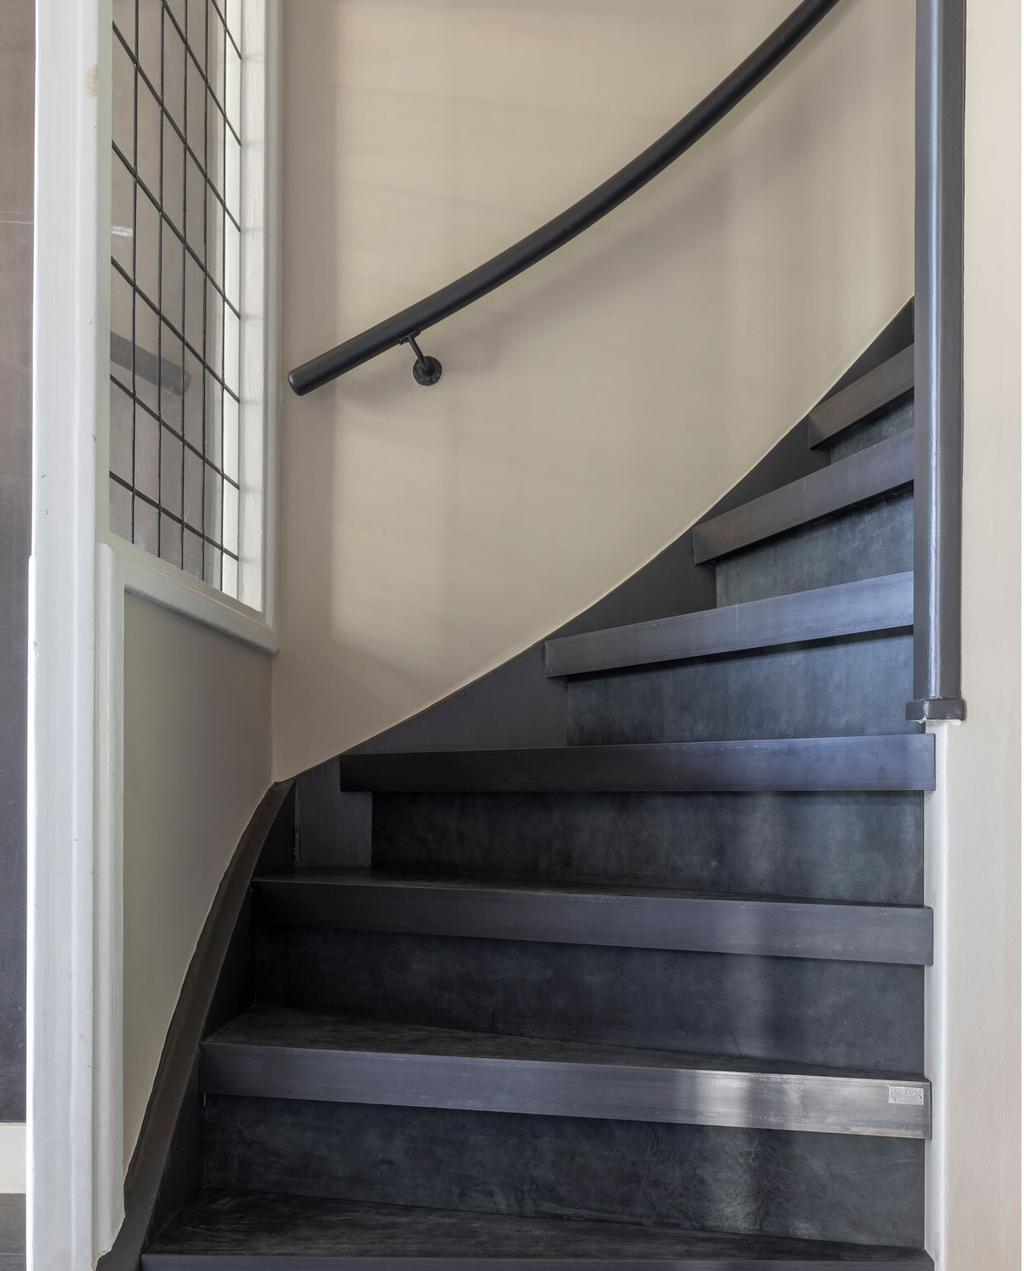 vtwonen upstairs trap met zwart leren bekleding